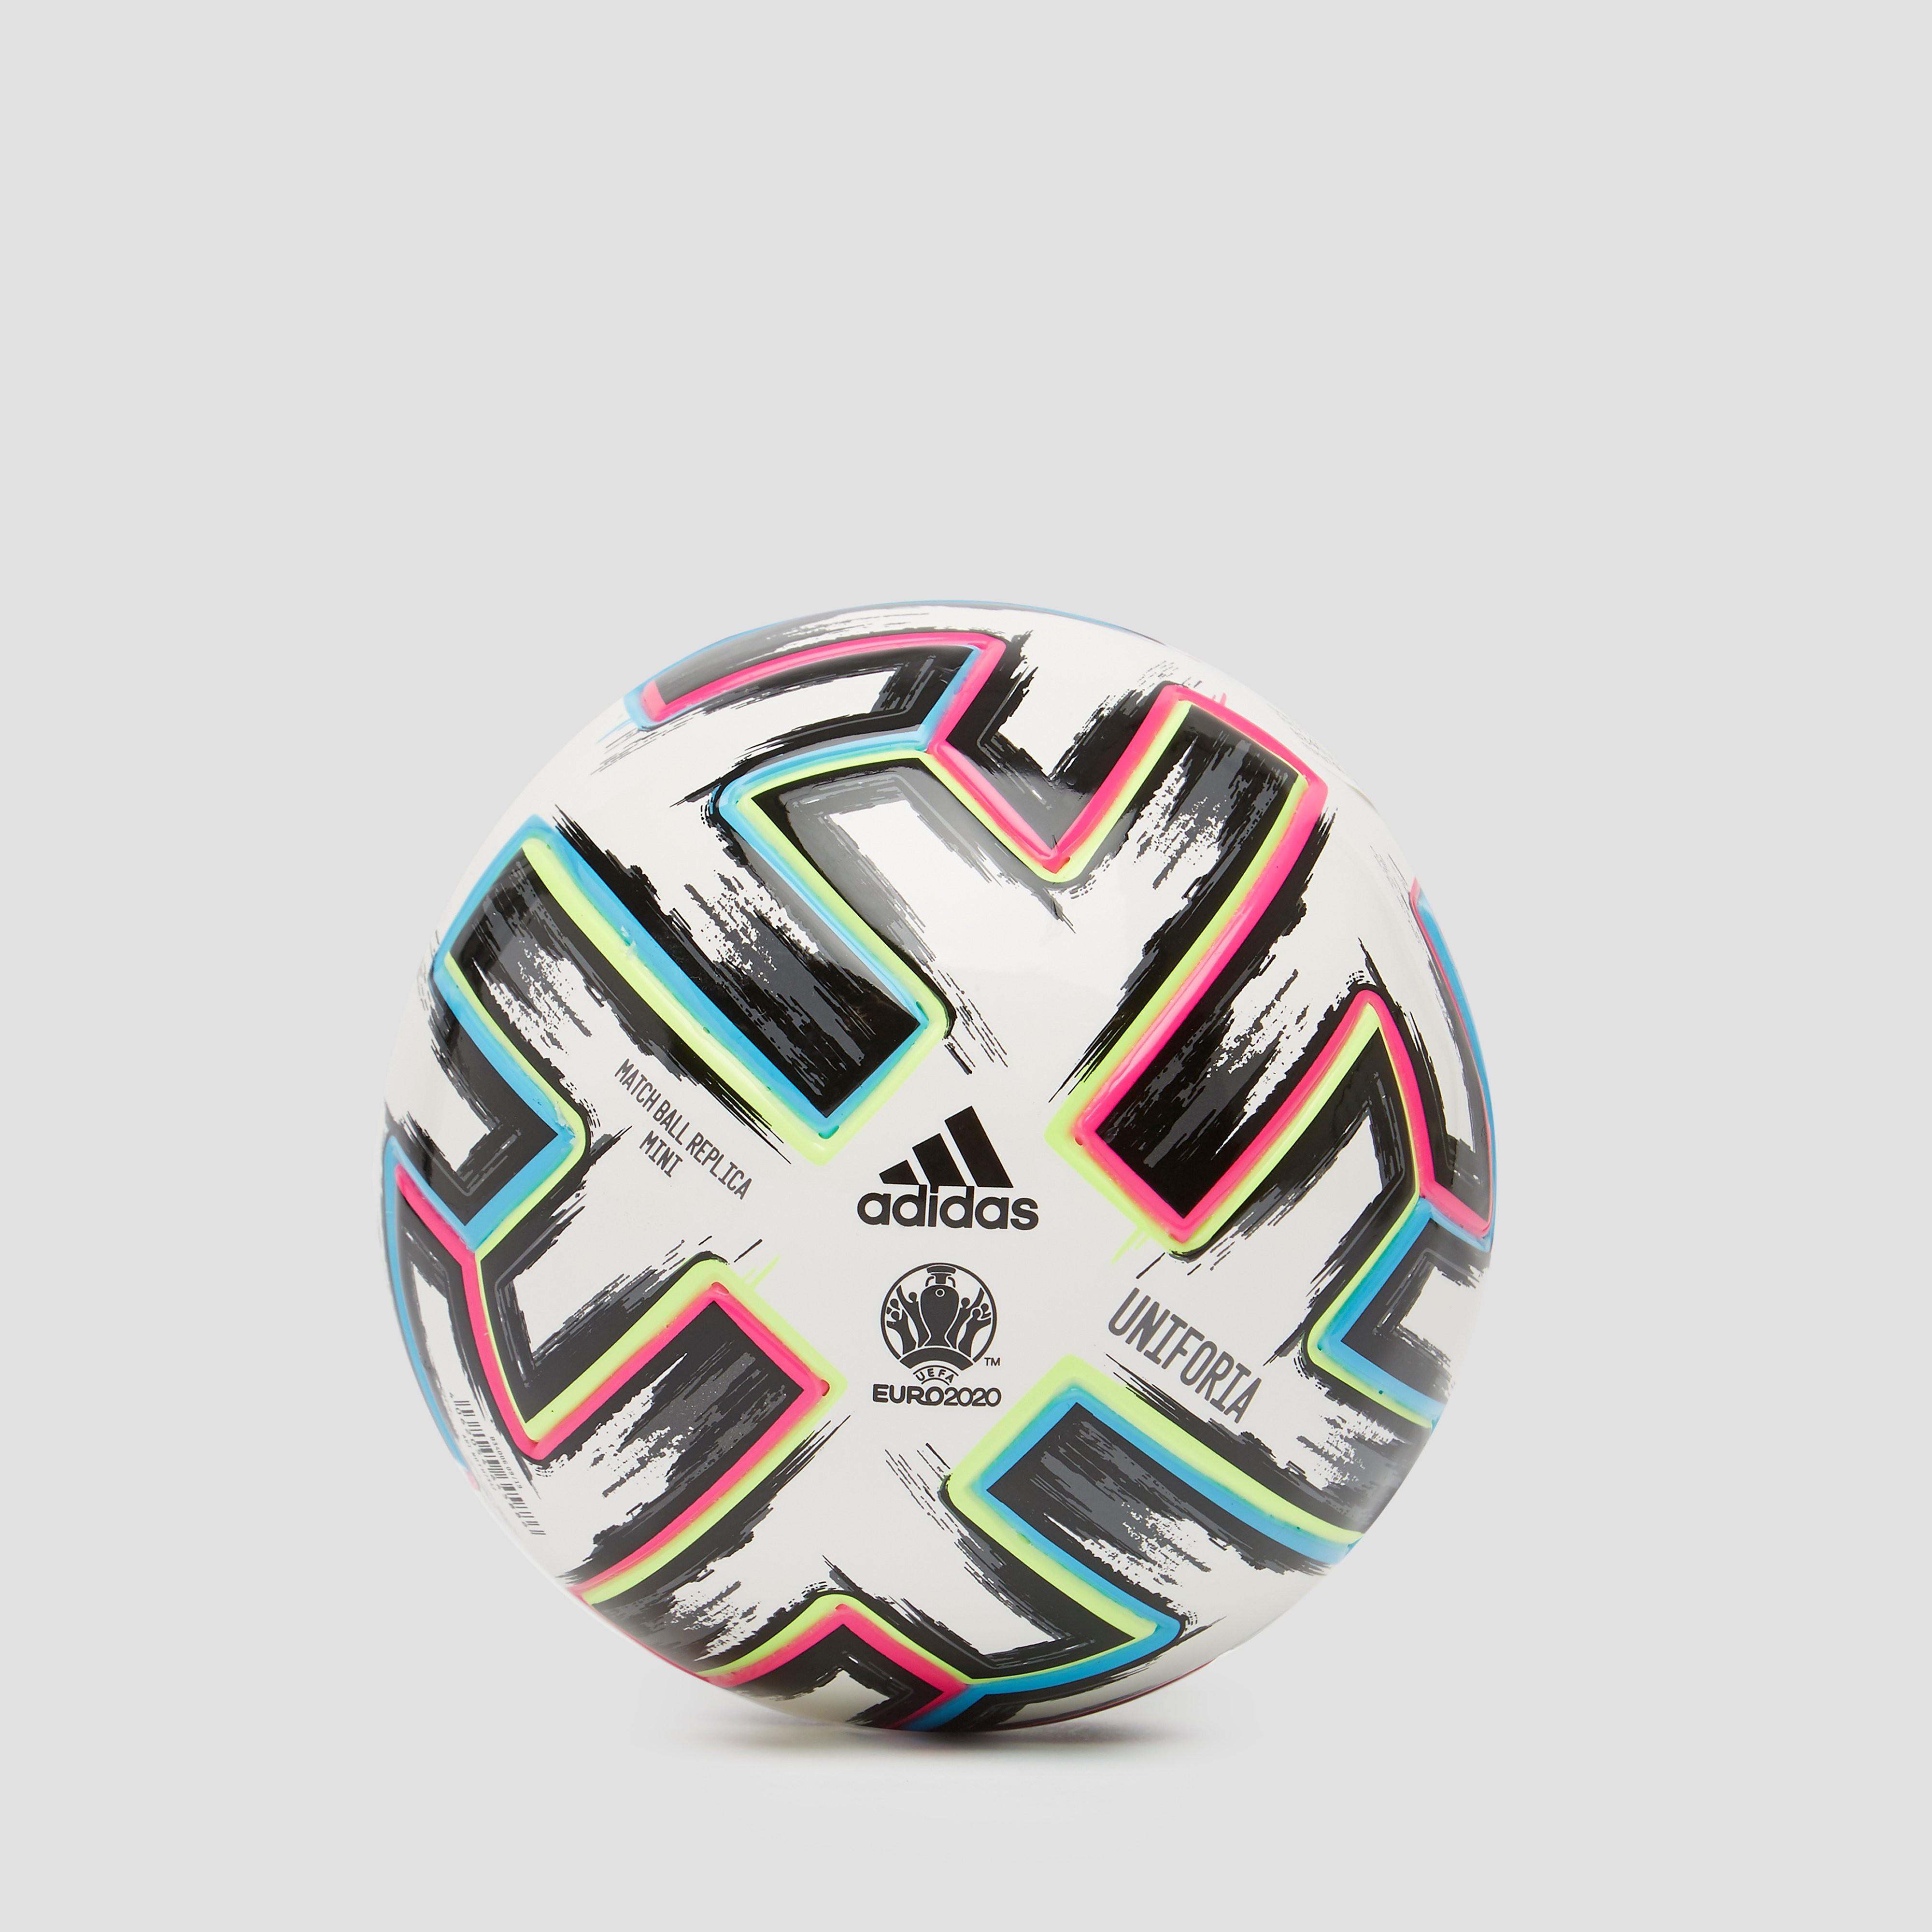 ADIDAS Uniforia Mini Voetbal